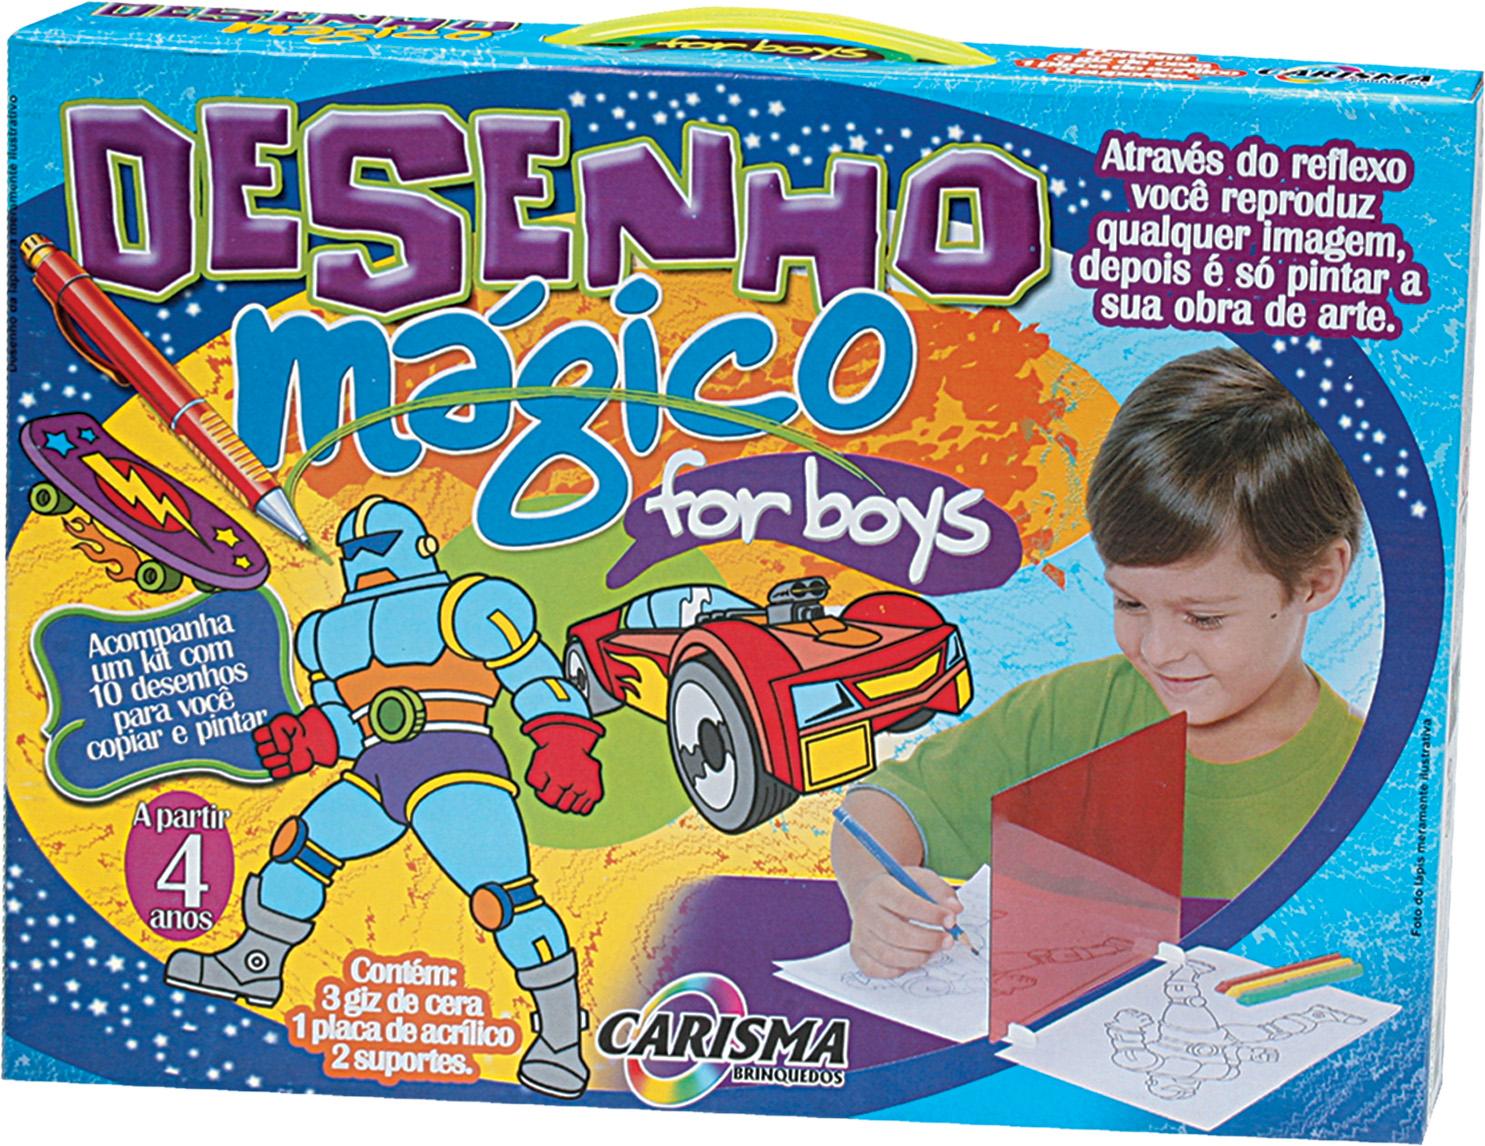 Desenho mágico for boys